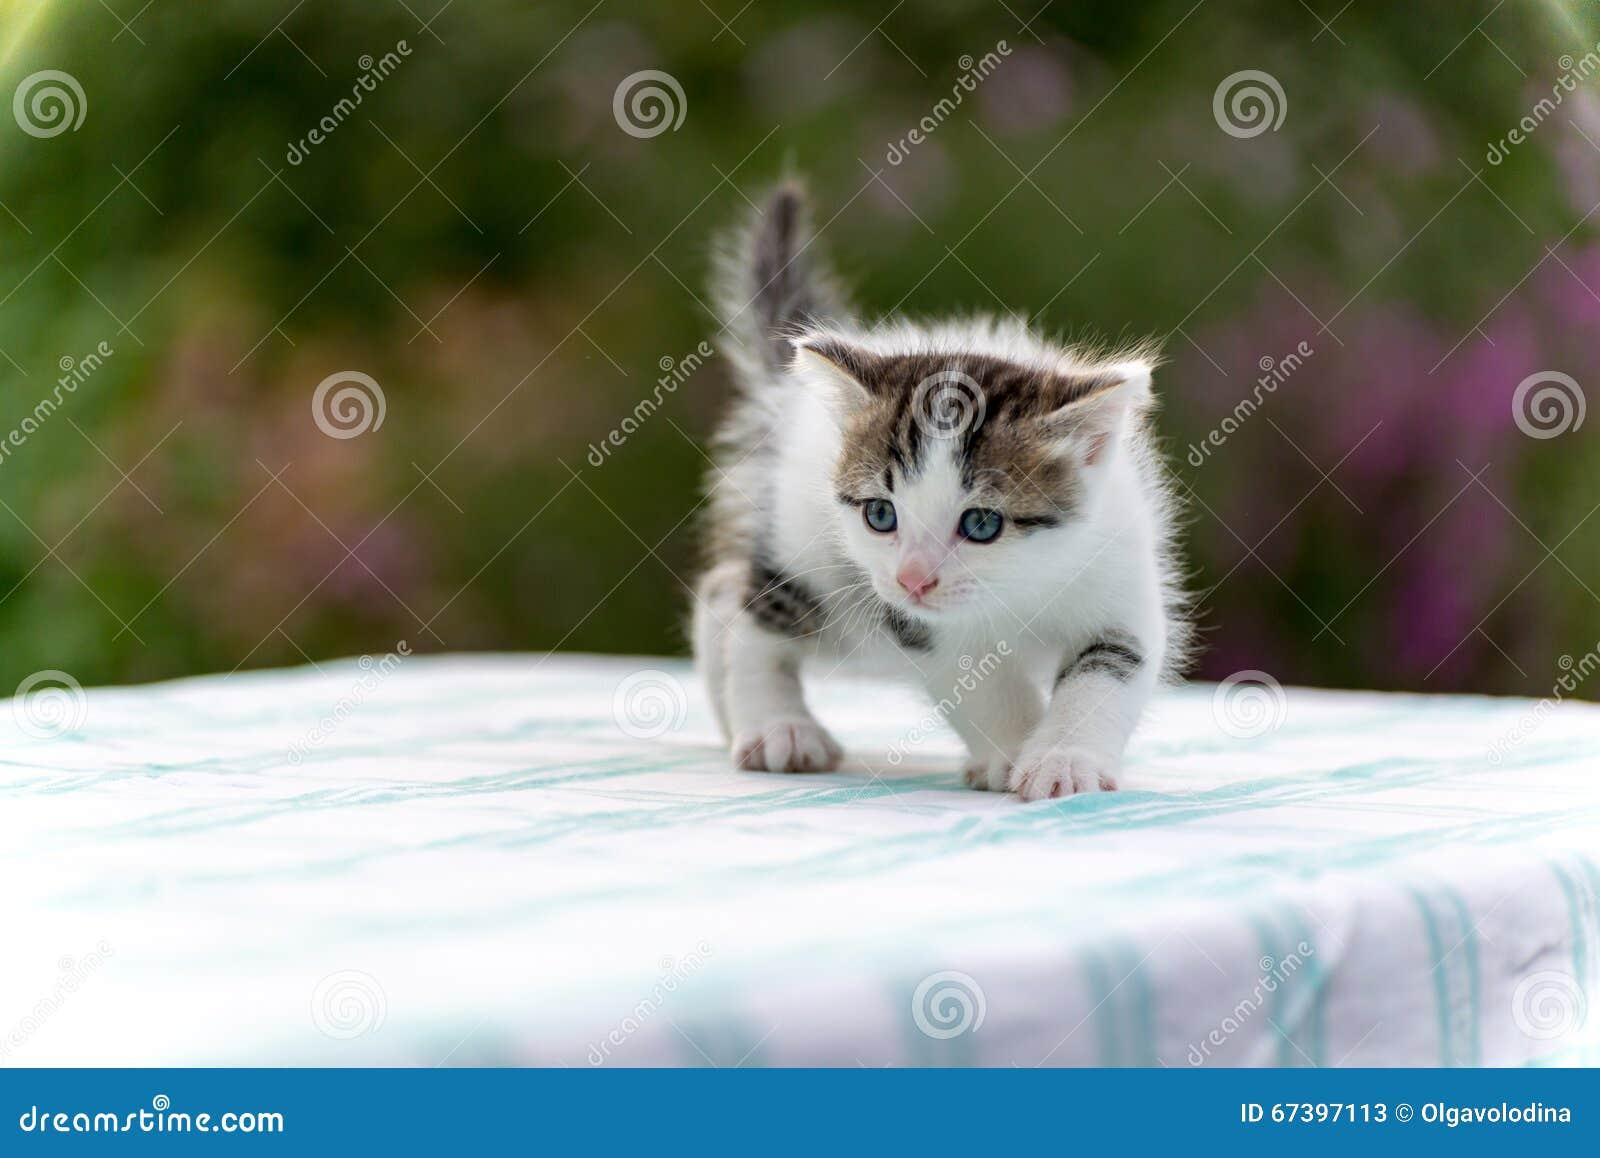 Gattino macchiato che sta sulla tavola nel giardino